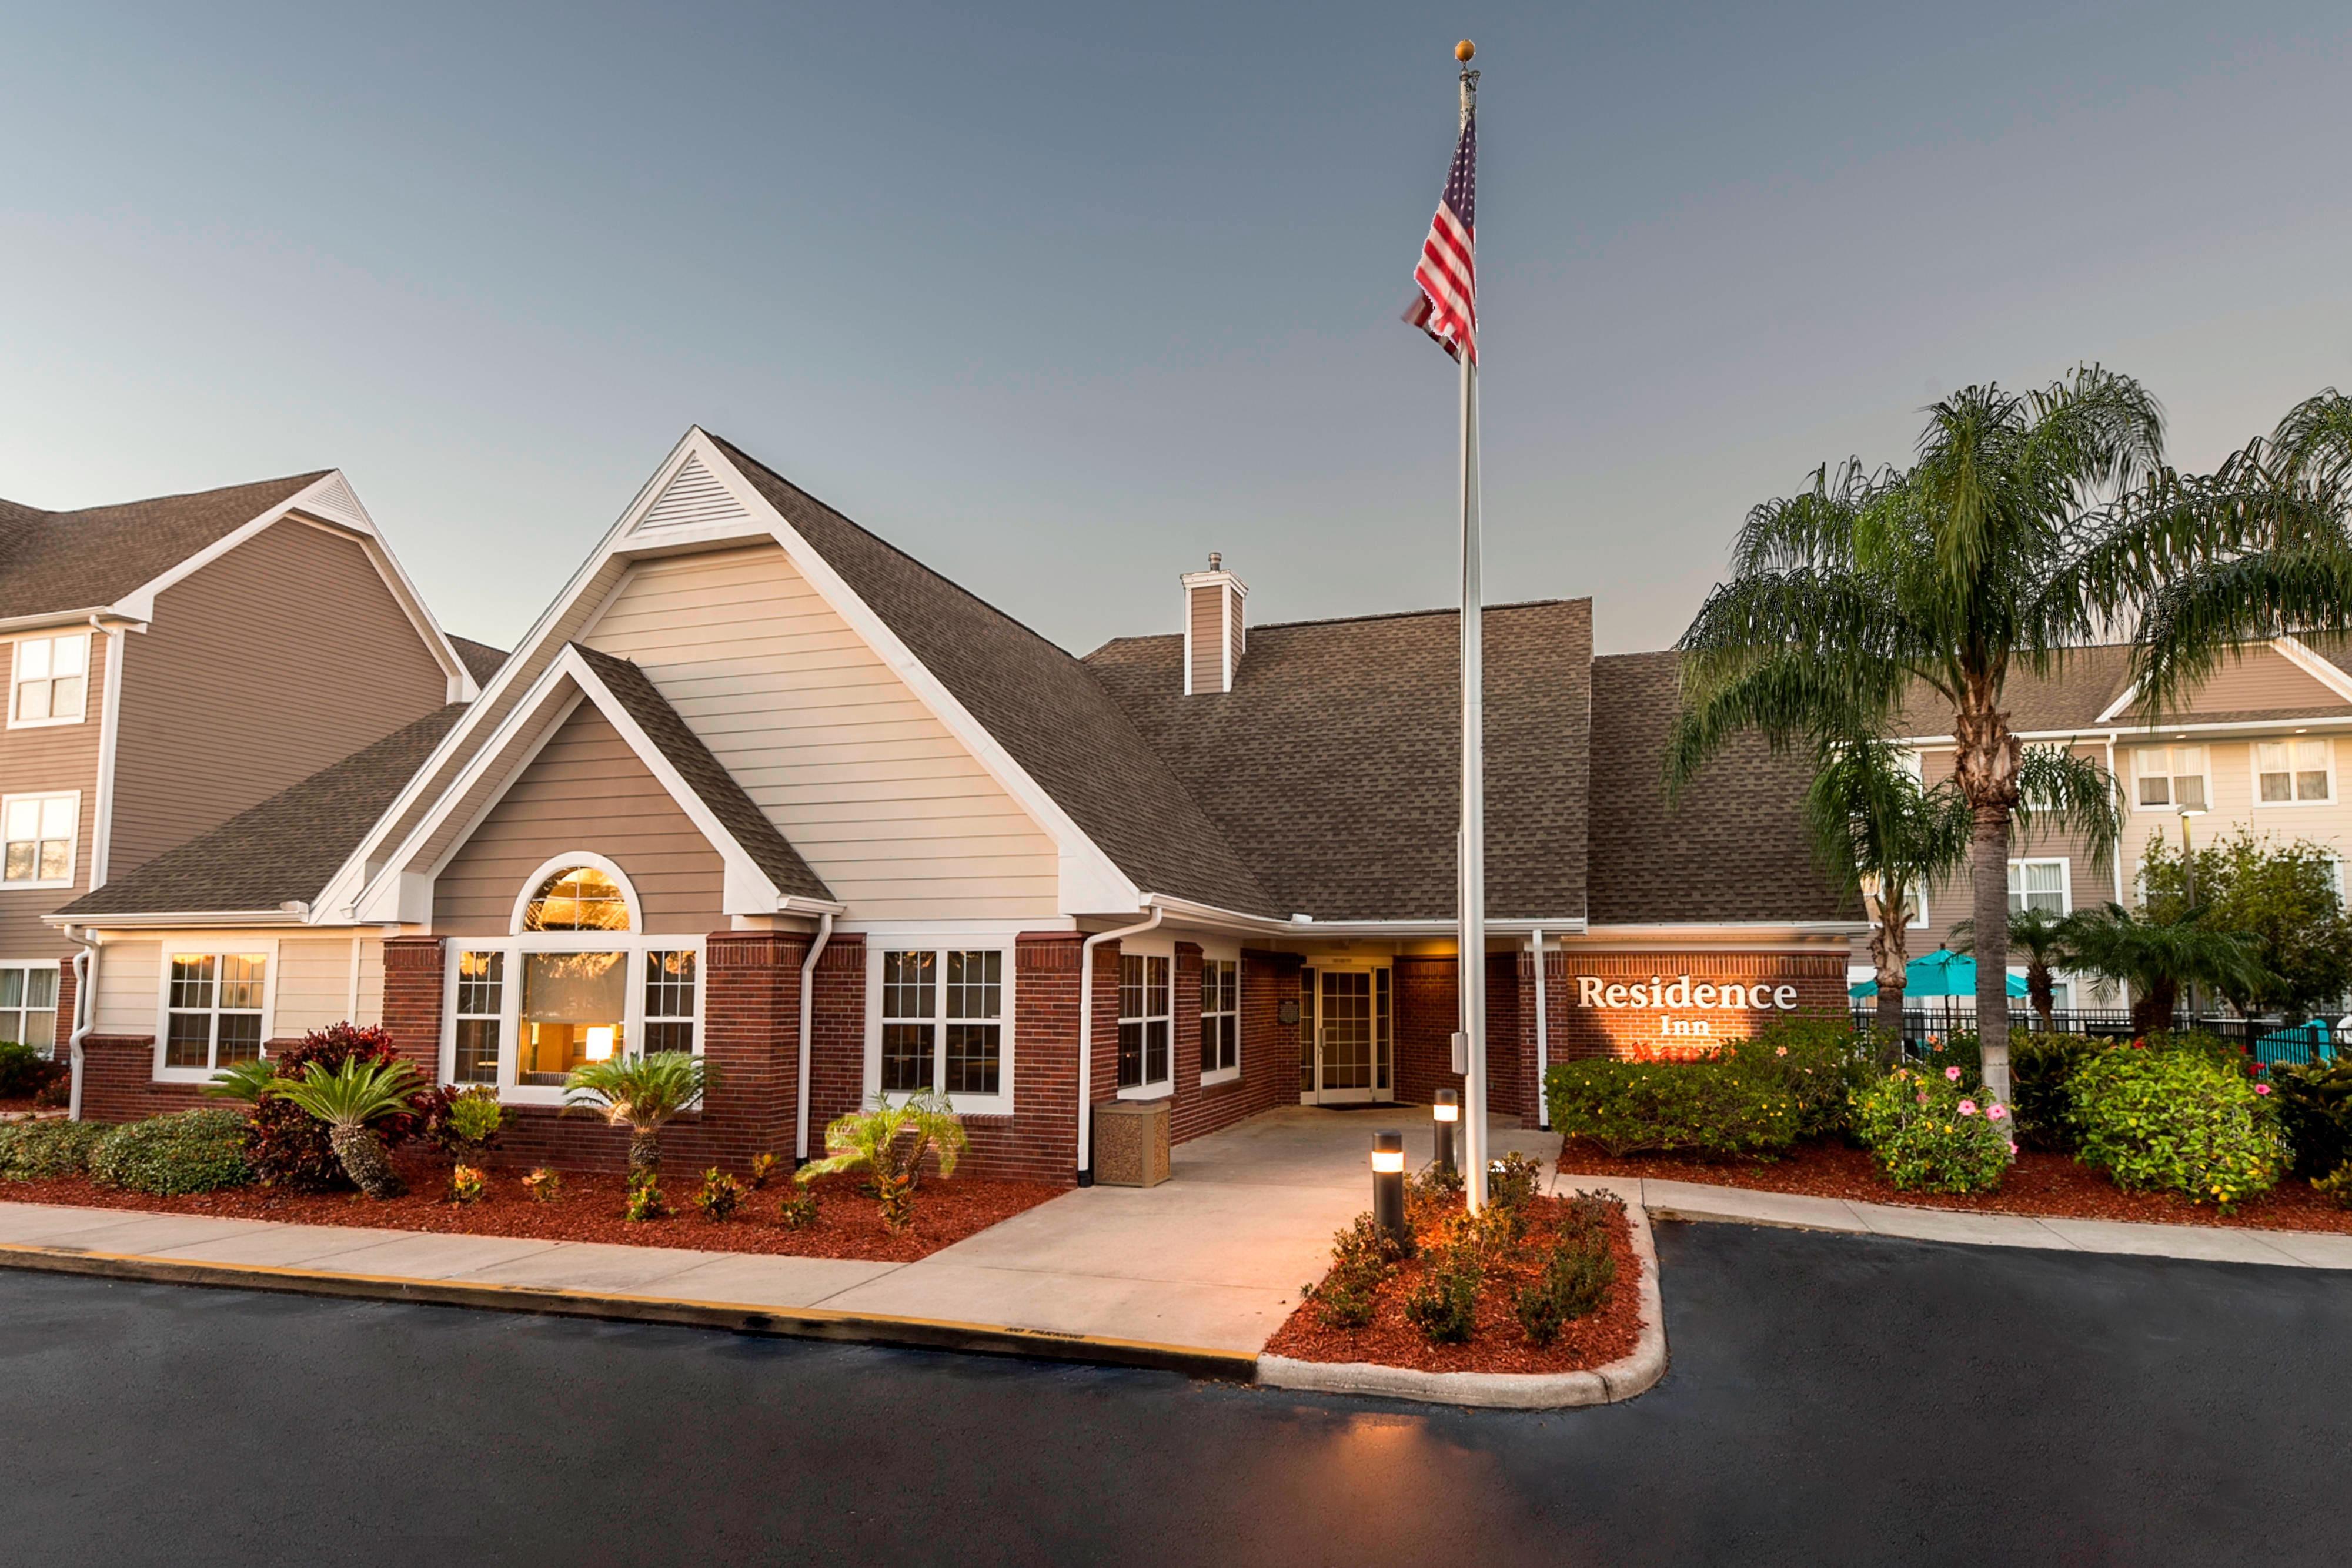 Residence Inn Lakeland welcome